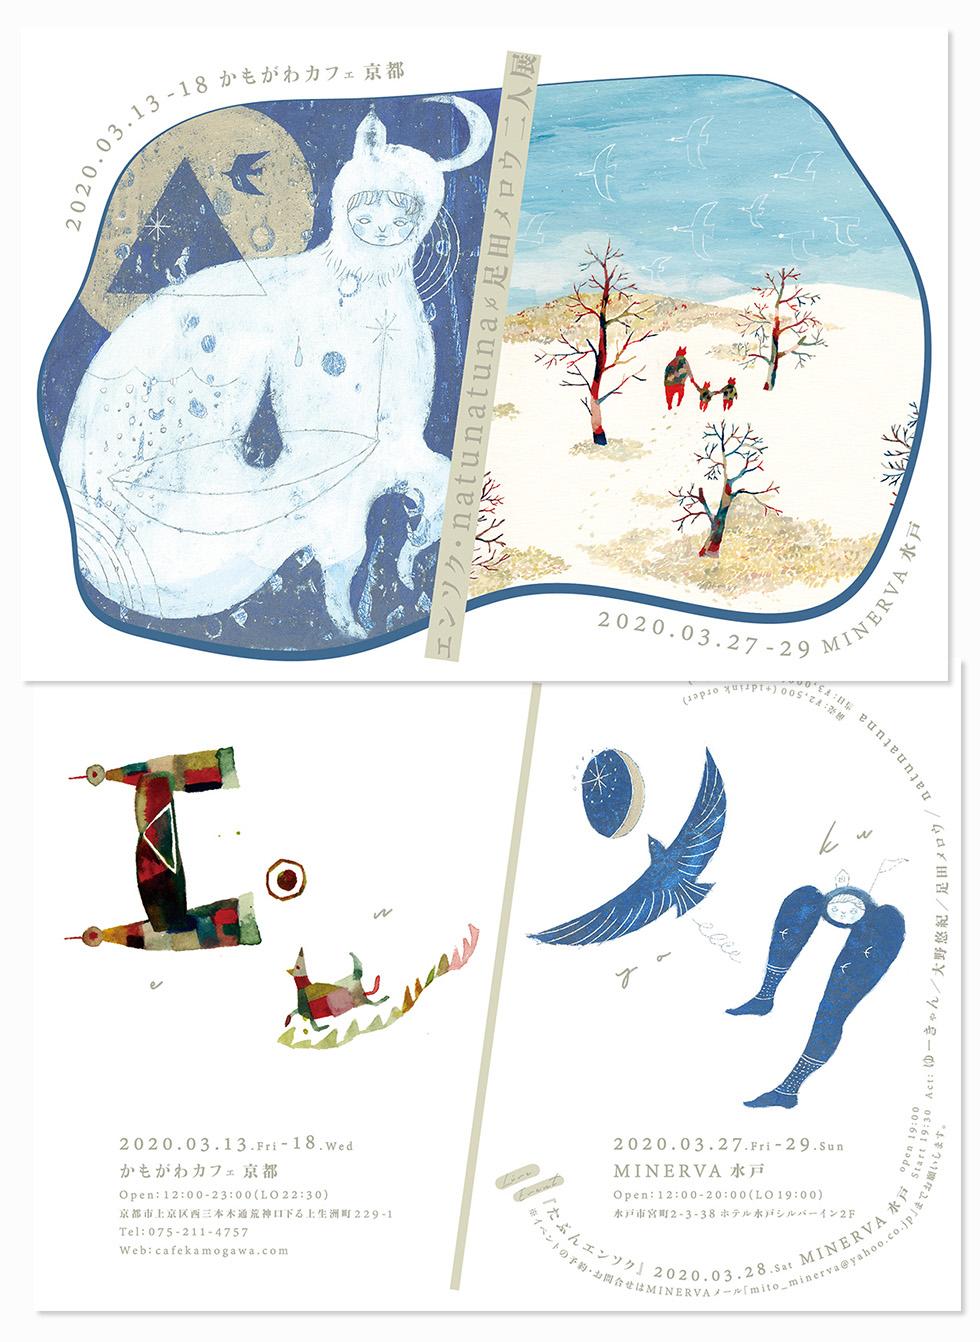 エンソク2020.03.27 Flyer Image